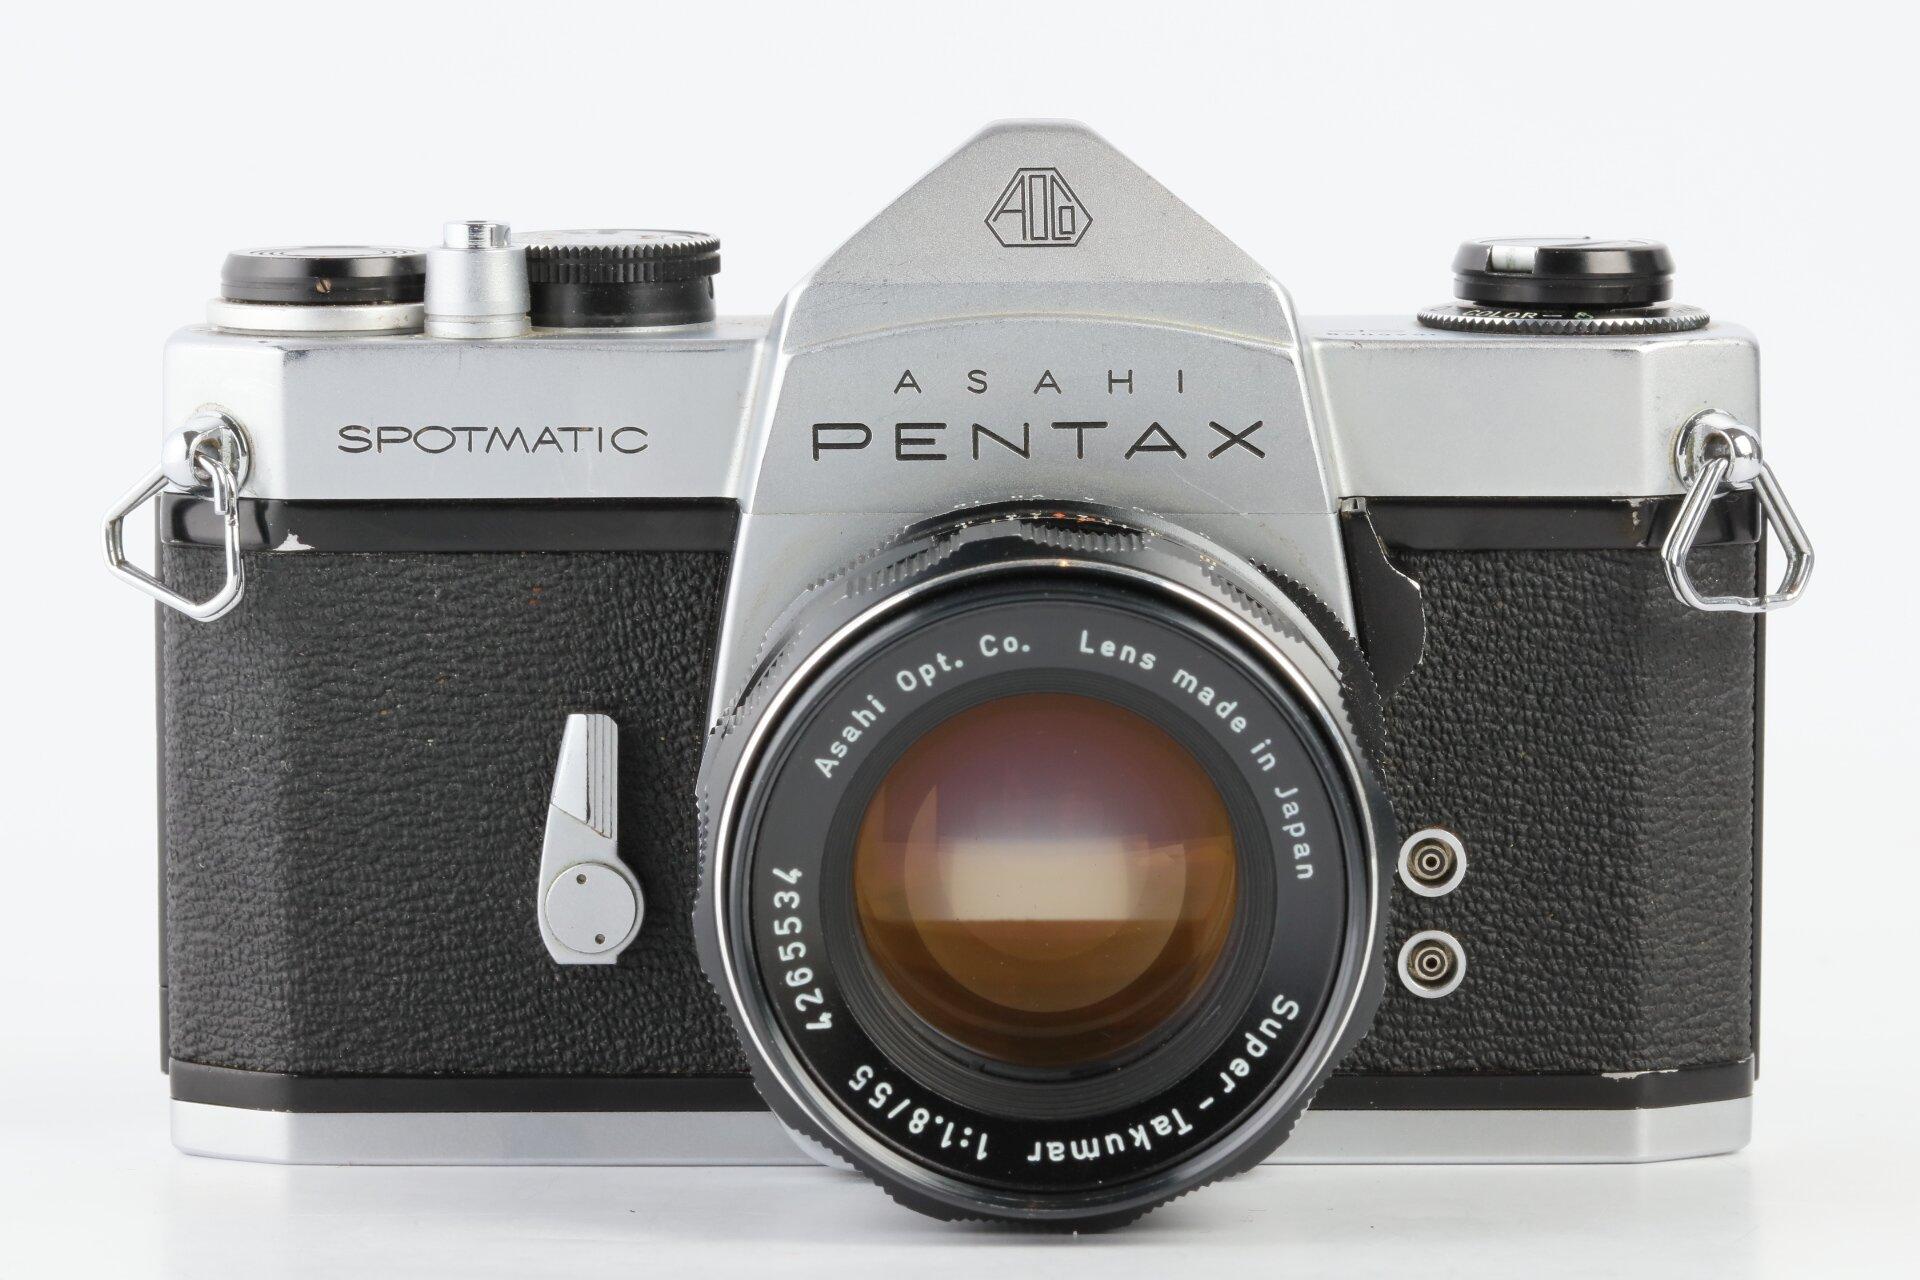 Pentax Spotmatic SP + Super-Takumar 1,8/55mm M42